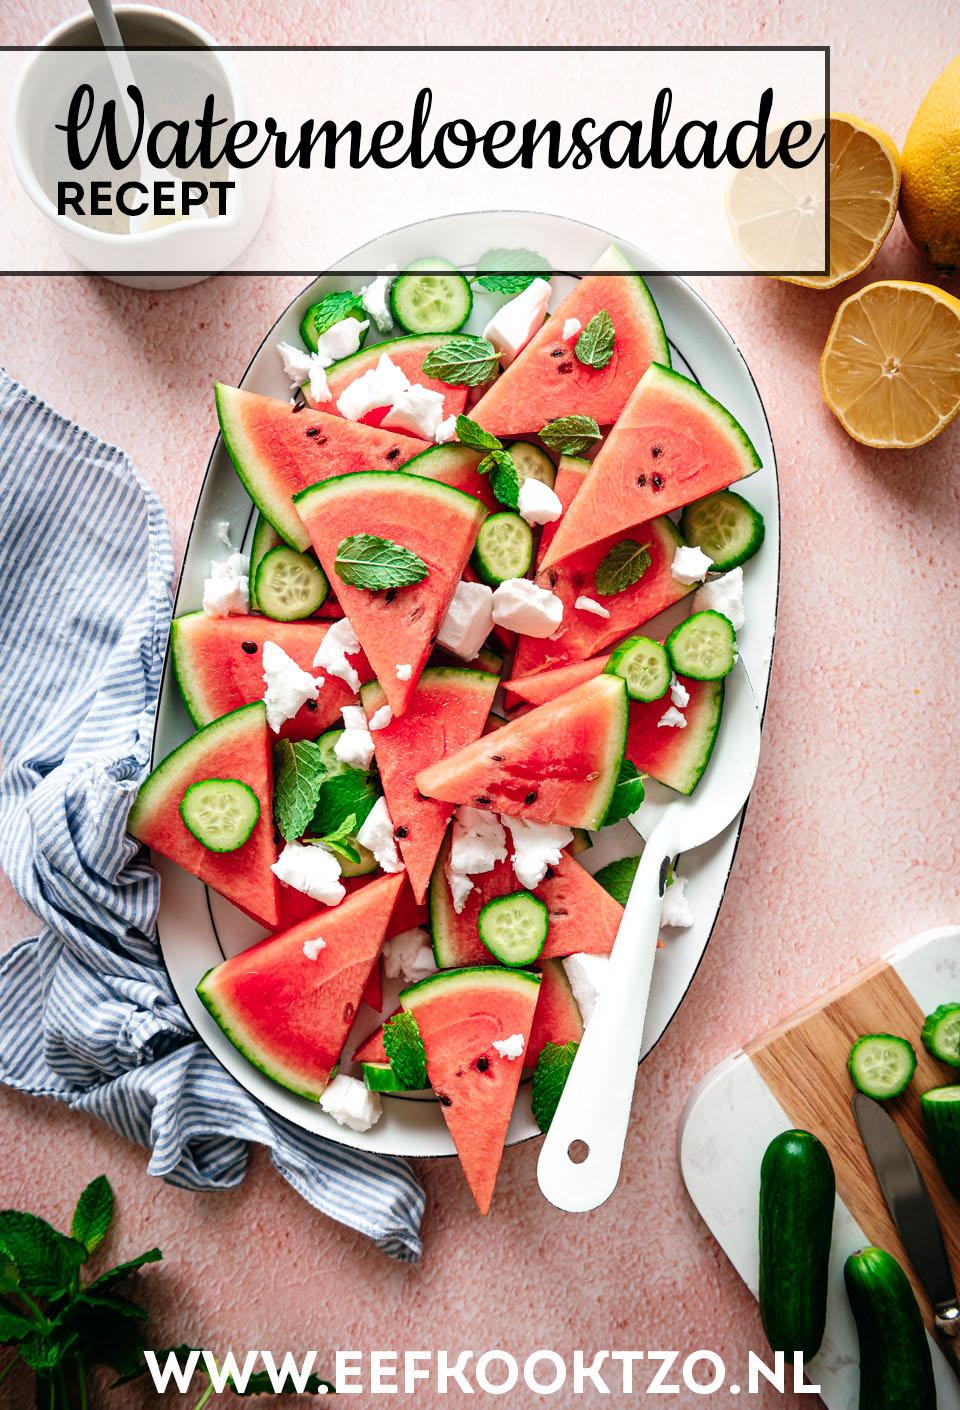 Watermeloensalade Pinterest Collage